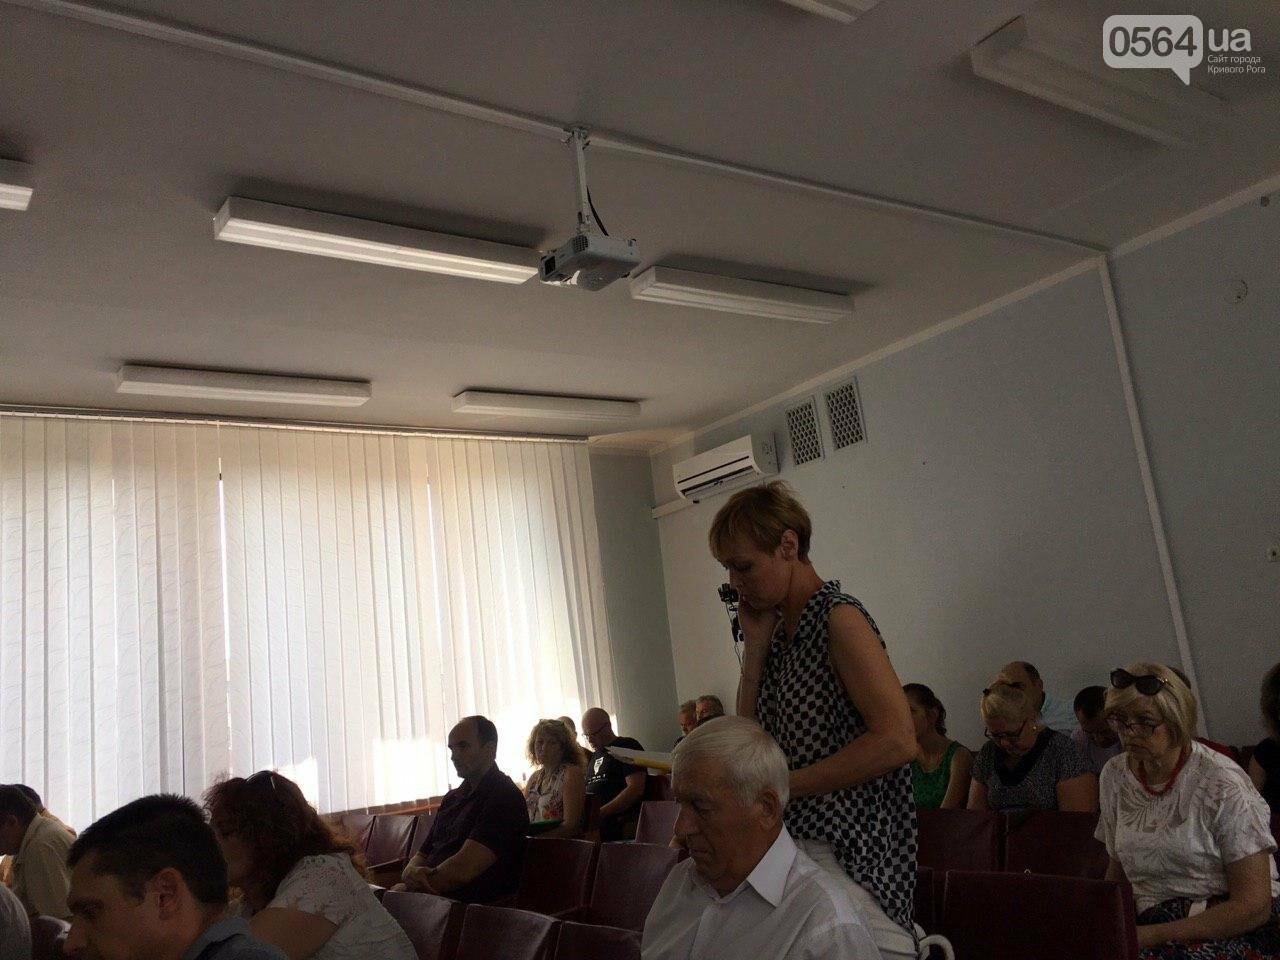 Криворожское КП пытается подготовится к отопительному сезону, несмотря на долг в полмиллиарда, - ФОТО , фото-28